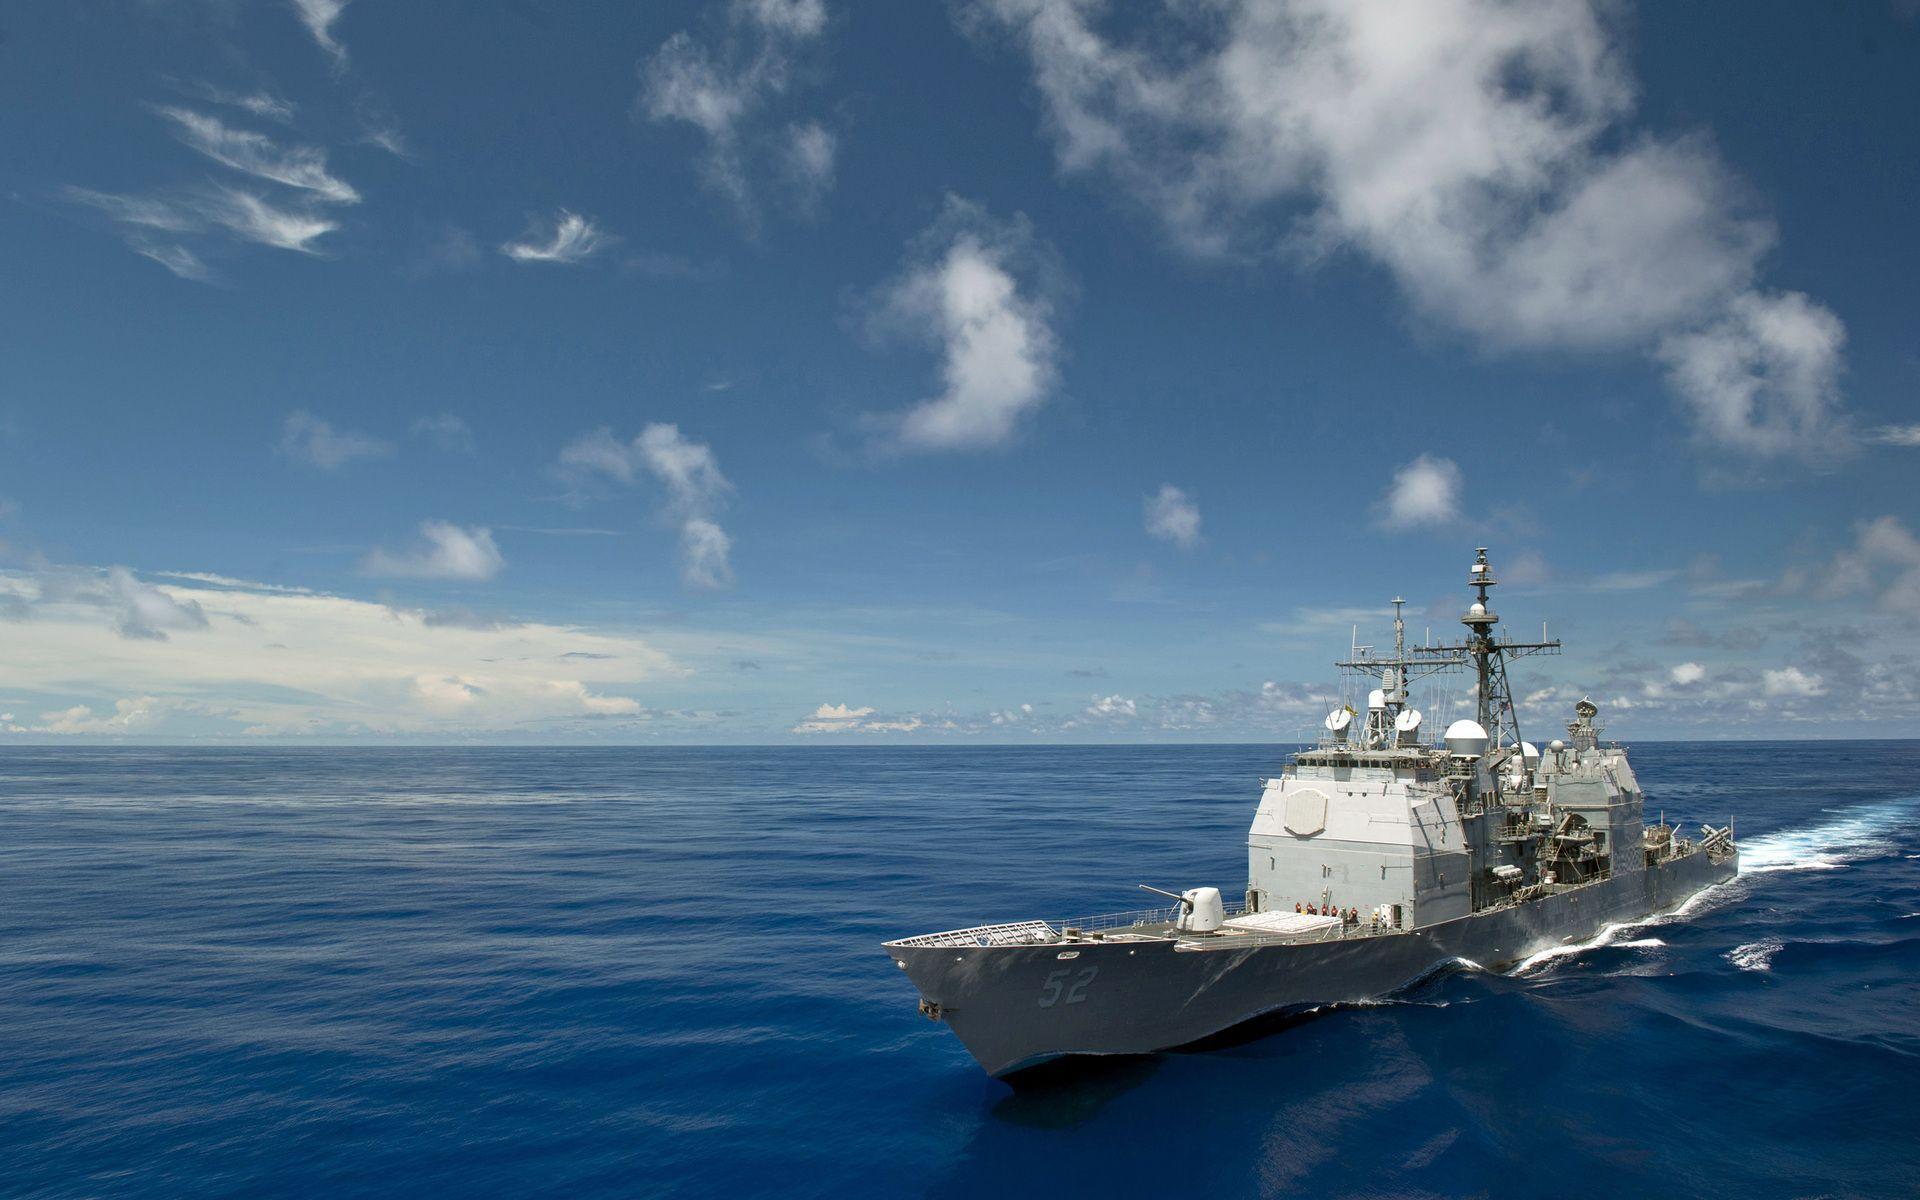 U S. Navy Wallpapers - Top Free U S. Navy Backgrounds ...